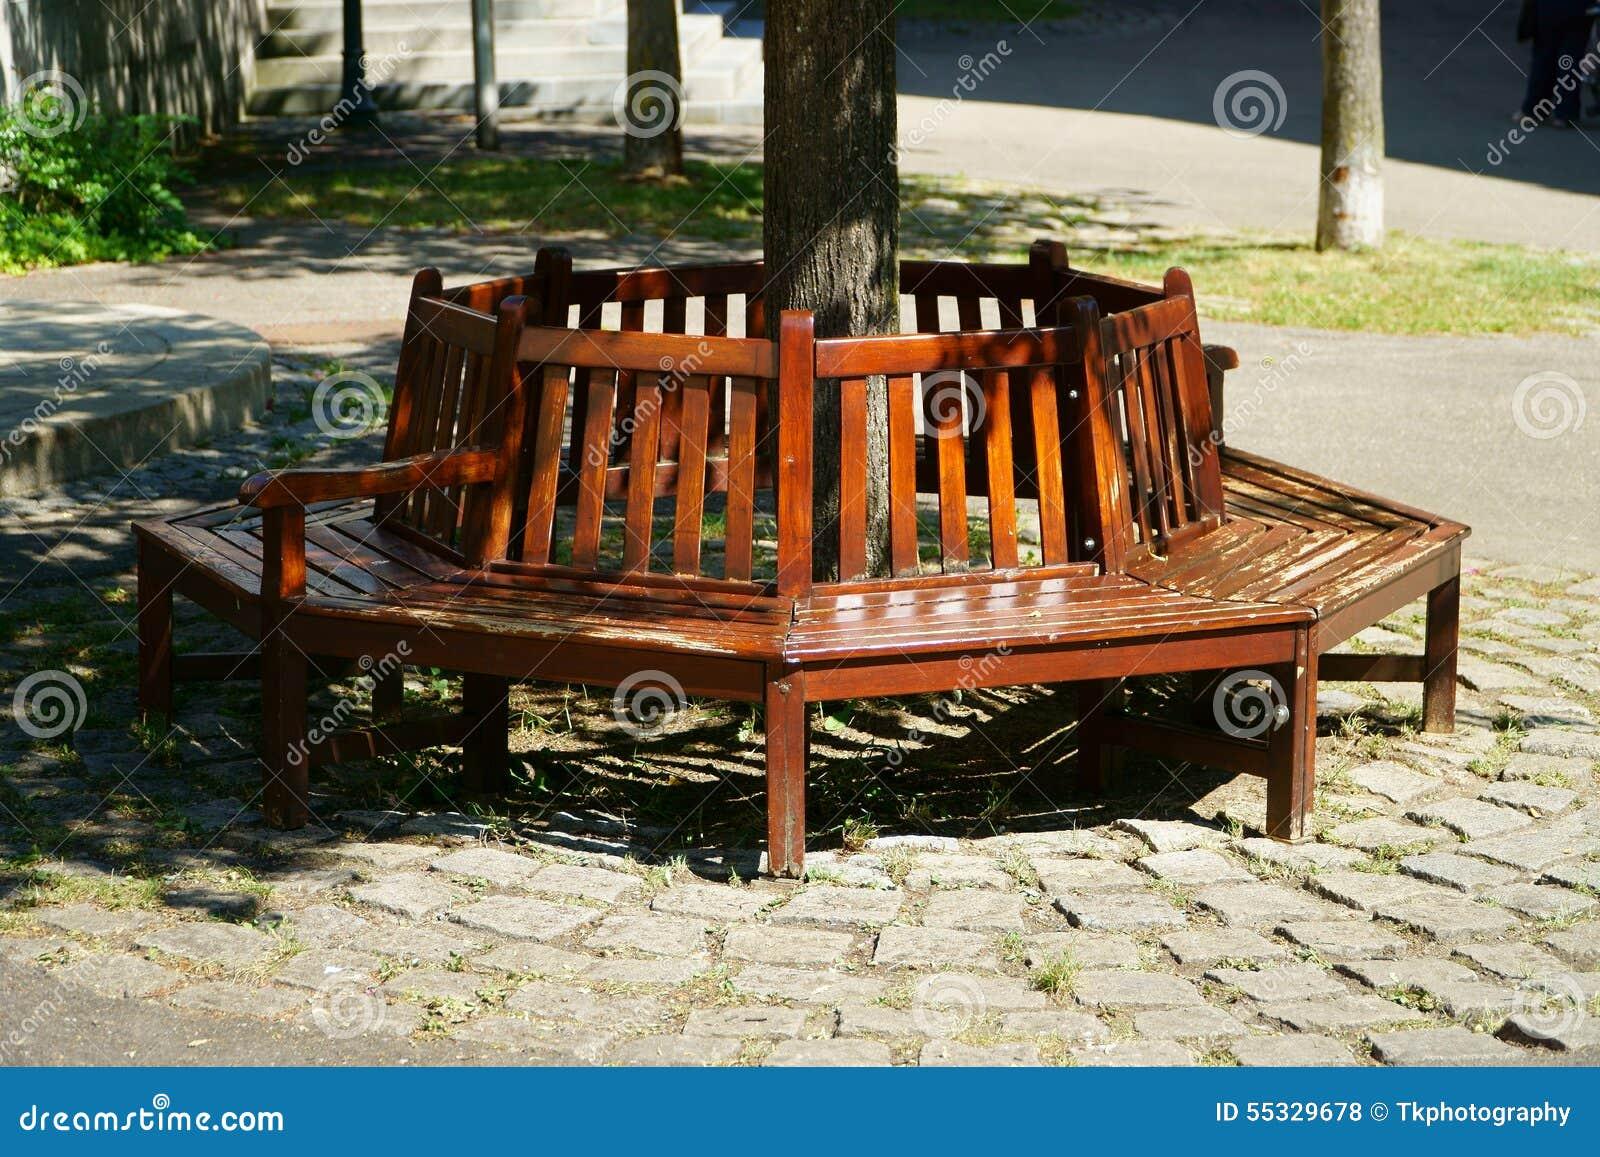 achat bancs droits bois meubles de design d 39 inspiration pour la t l vision et d. Black Bedroom Furniture Sets. Home Design Ideas